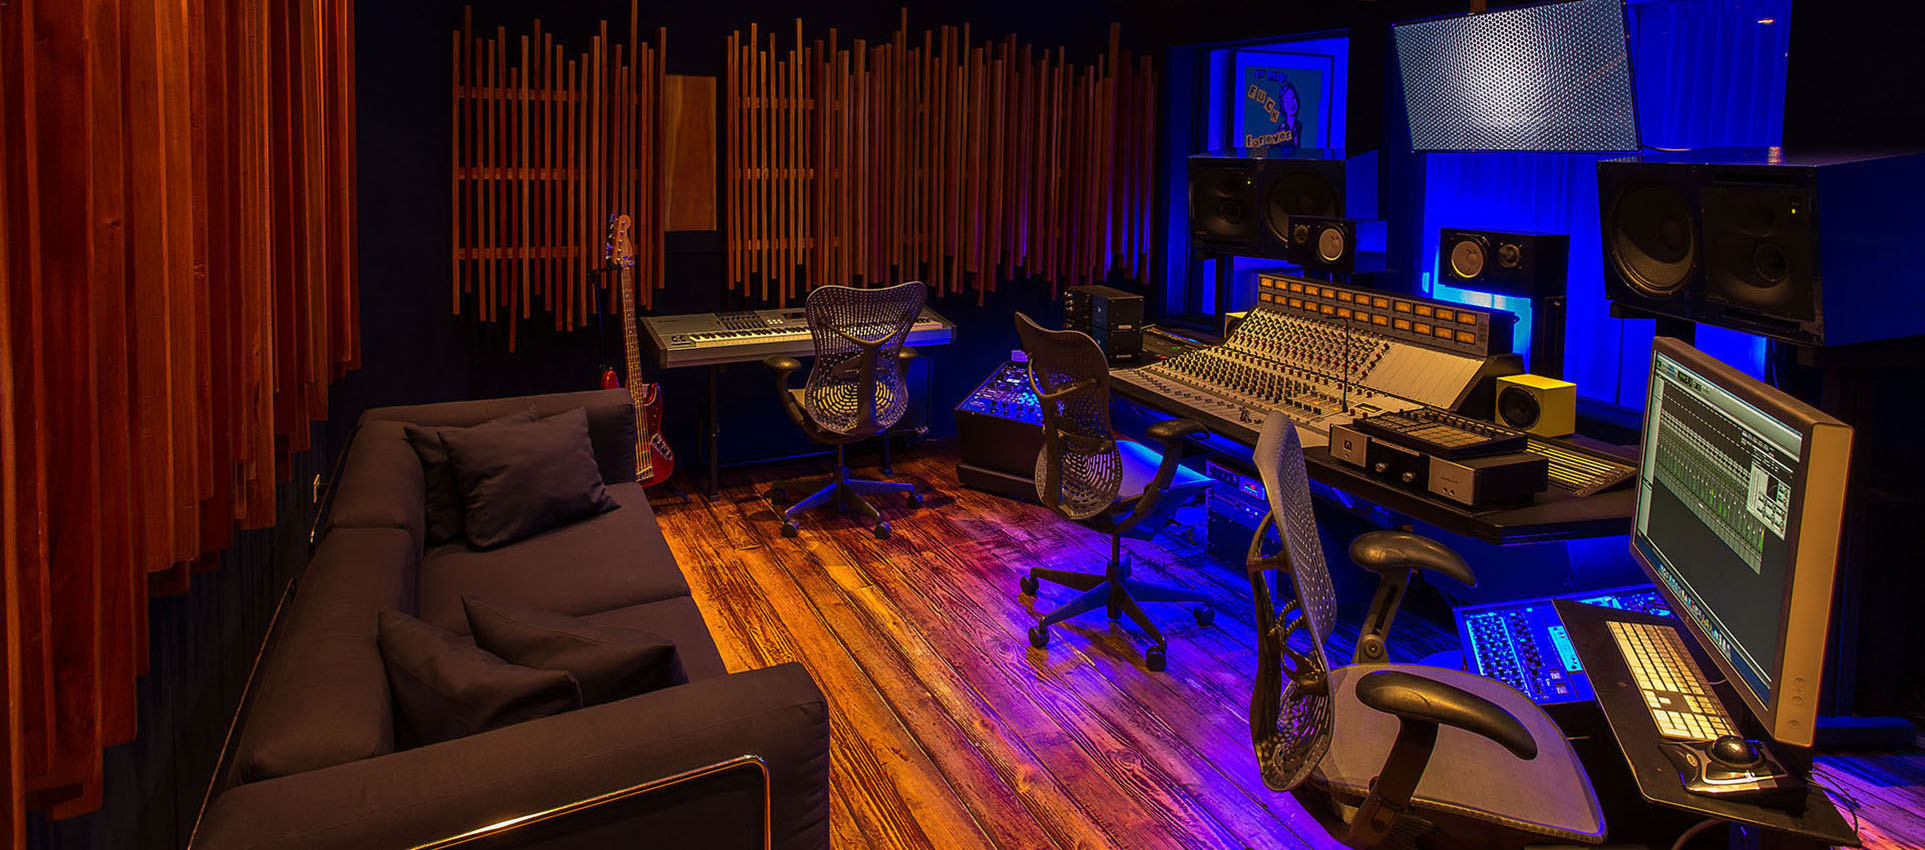 Geejam-Studios_002.jpg